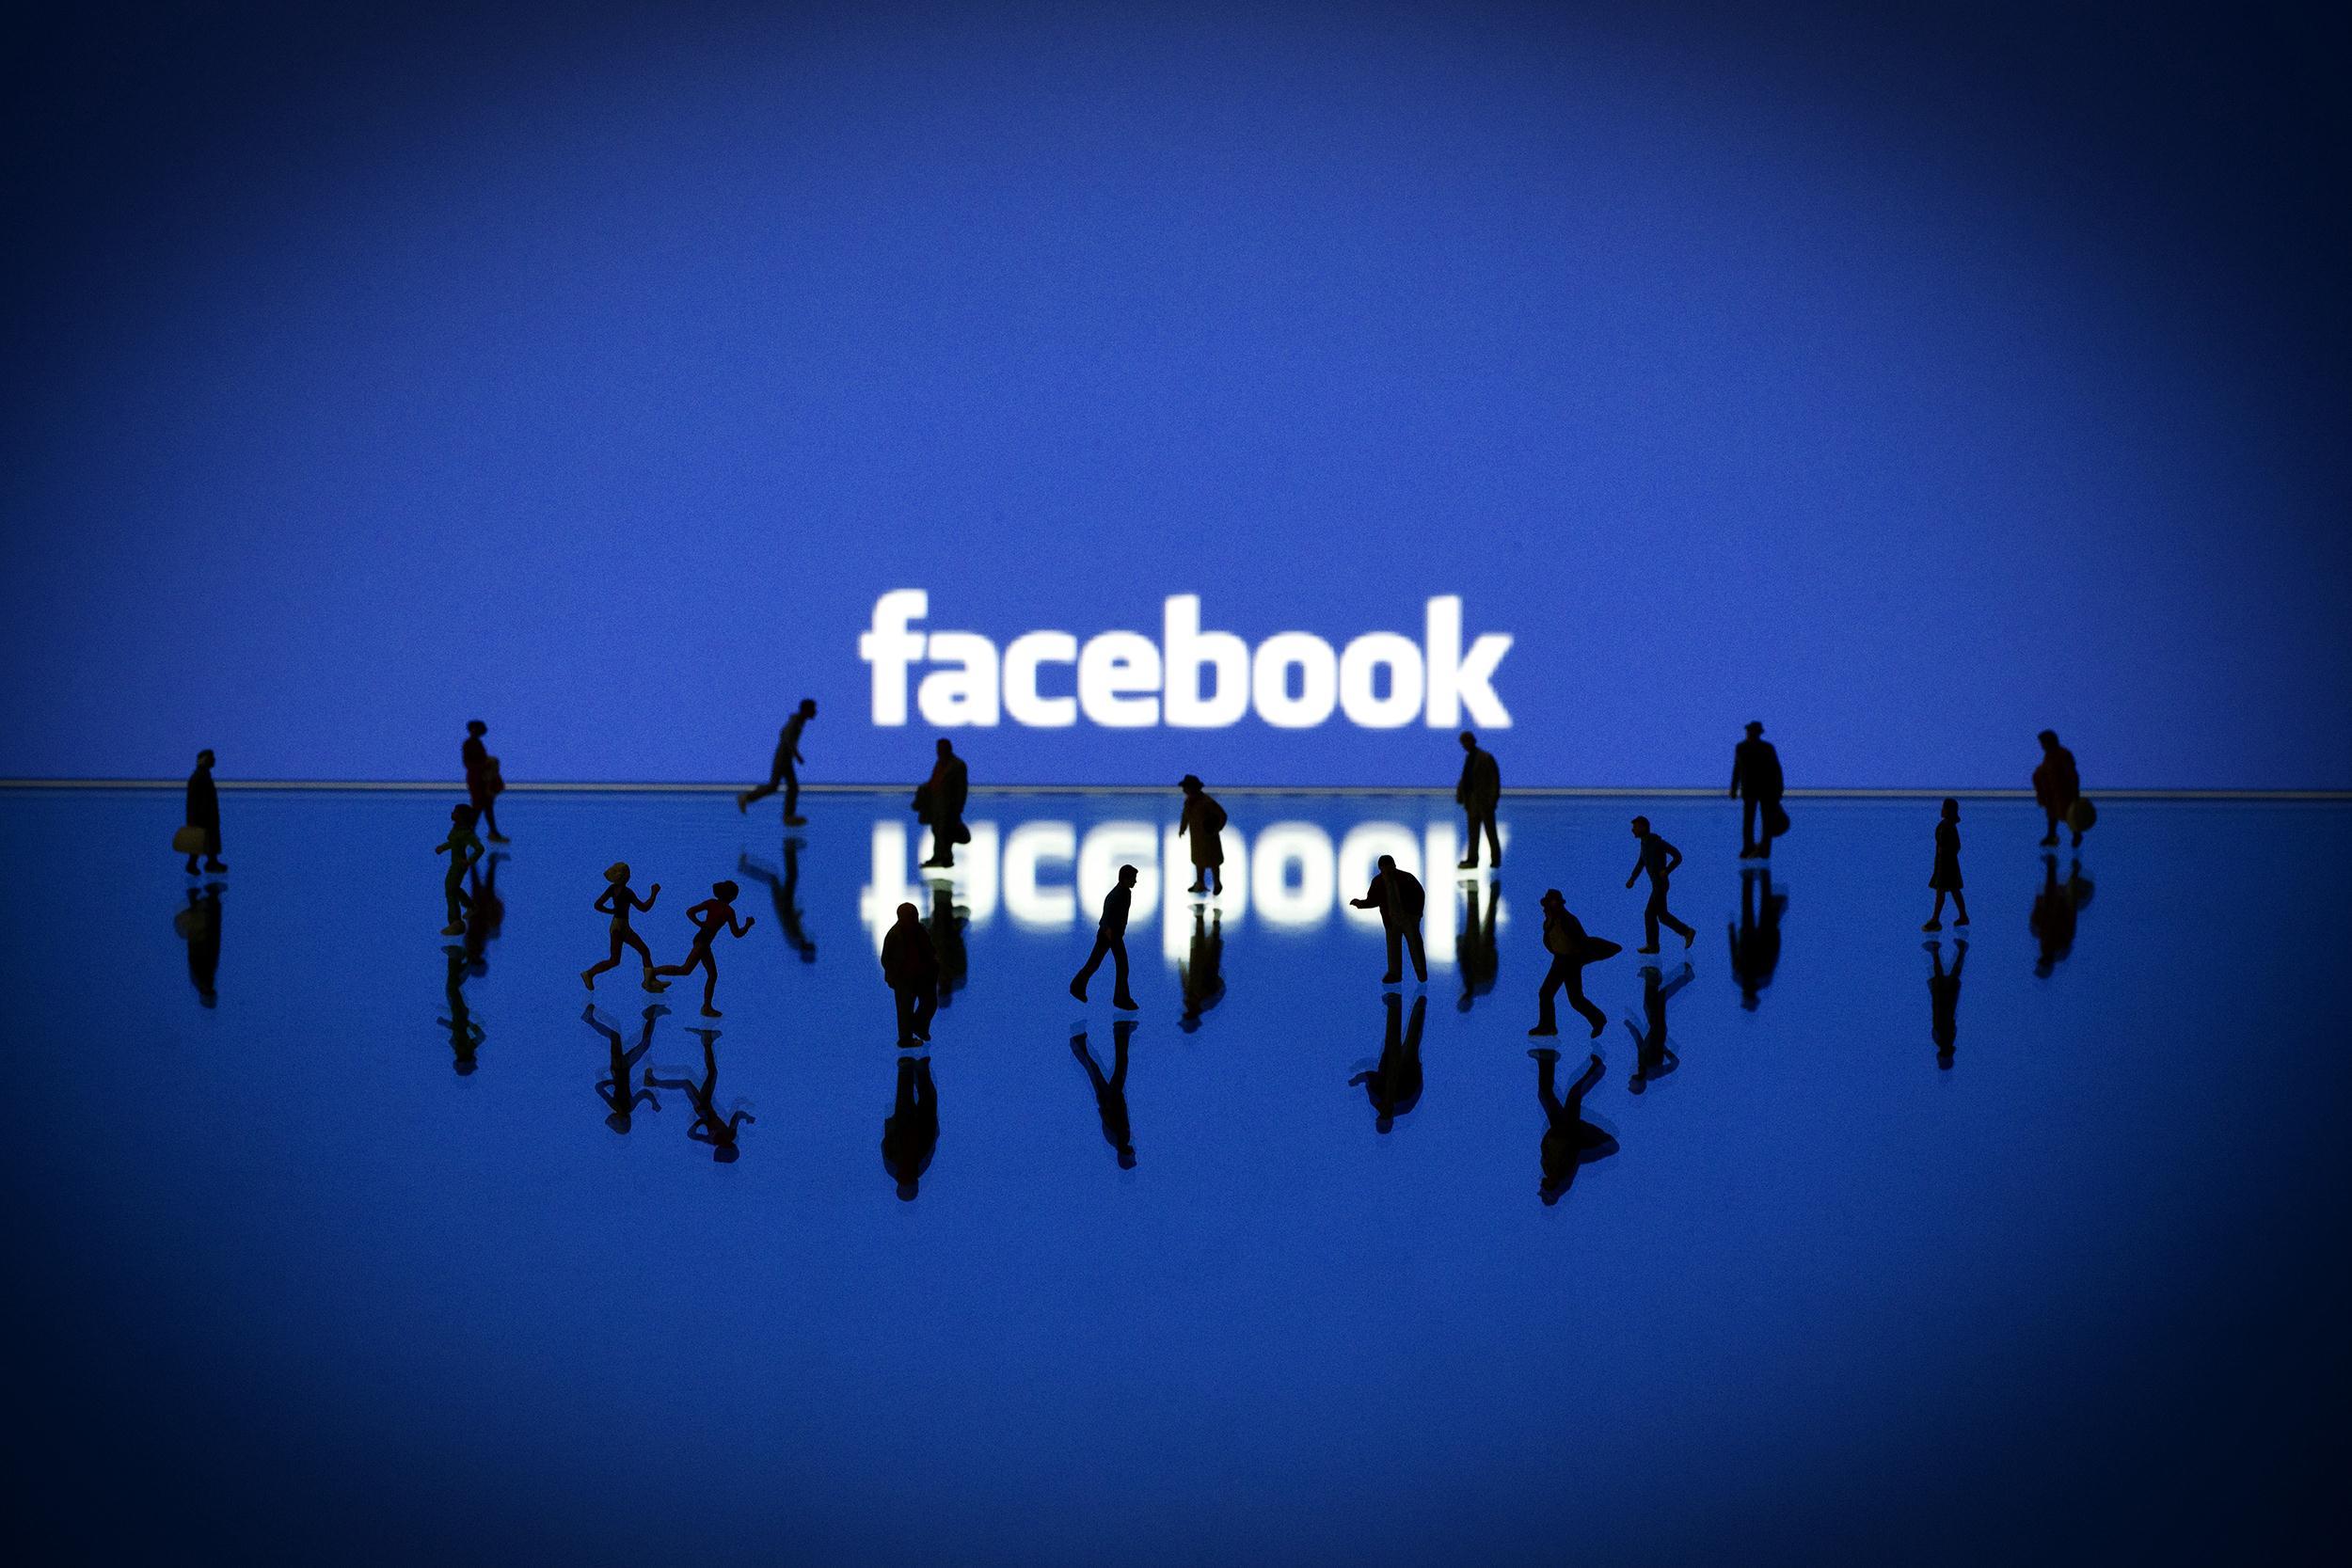 Ce se întâmplă după ce blochezi pe cineva pe Facebook